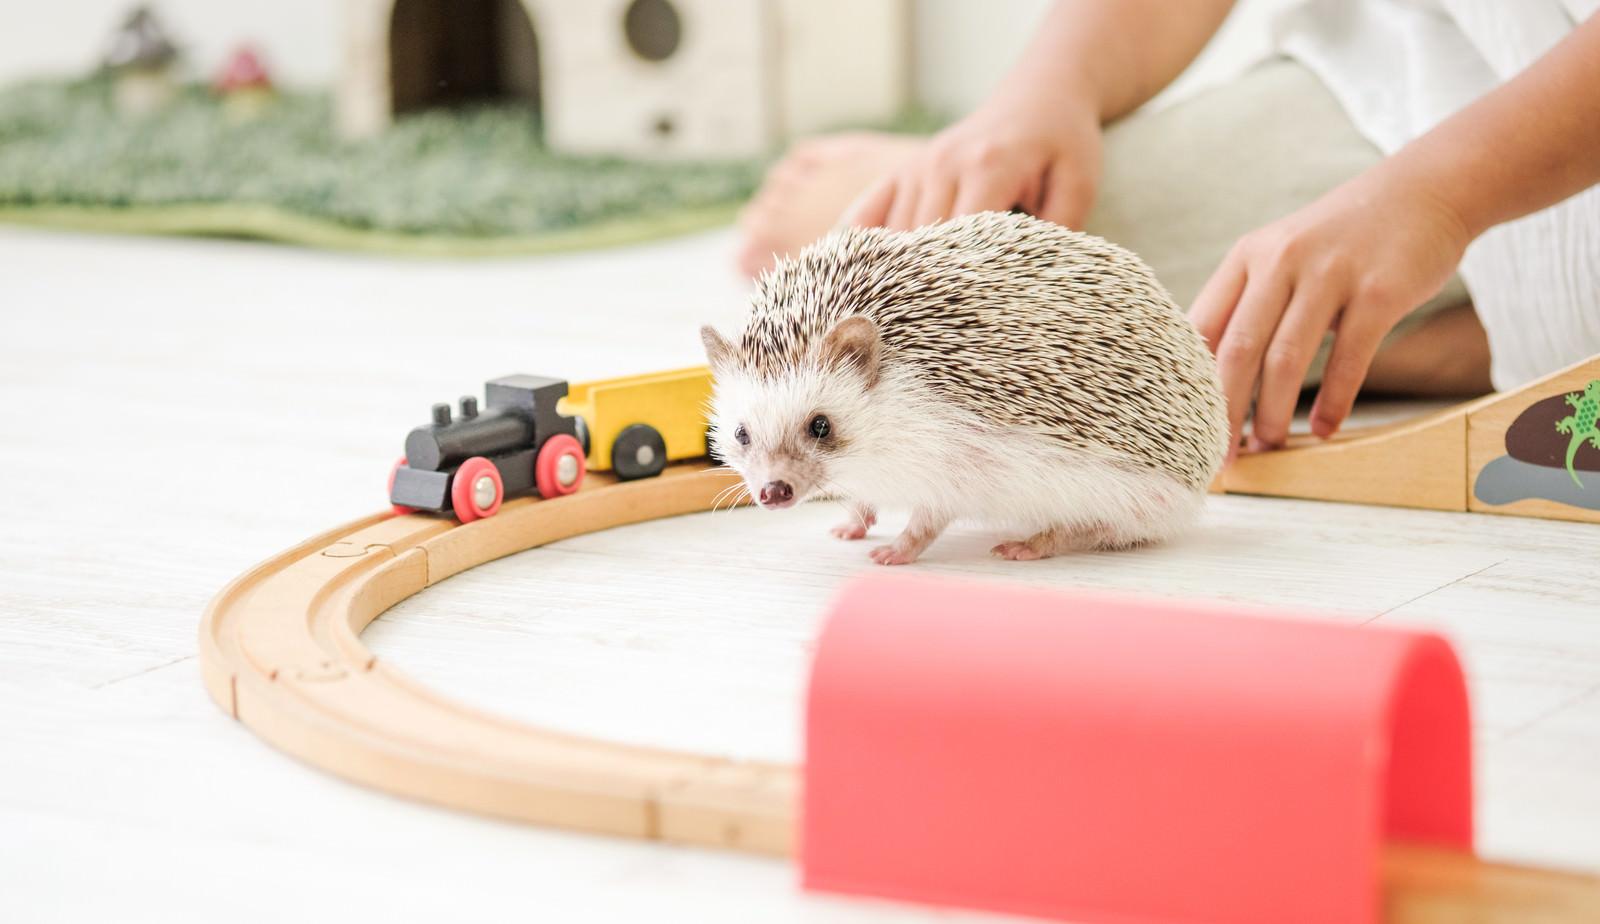 「木のレールのおもちゃで飼い主と一緒に遊ぶハリネズミ」の写真